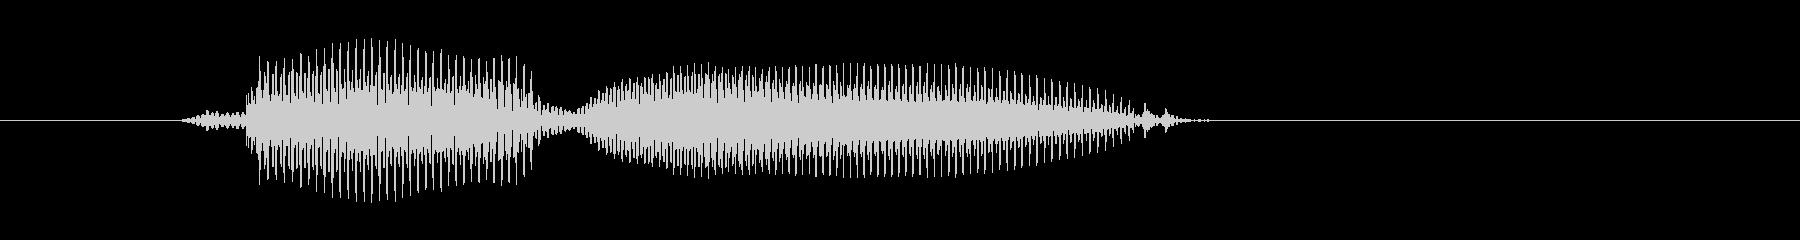 レゲェの未再生の波形